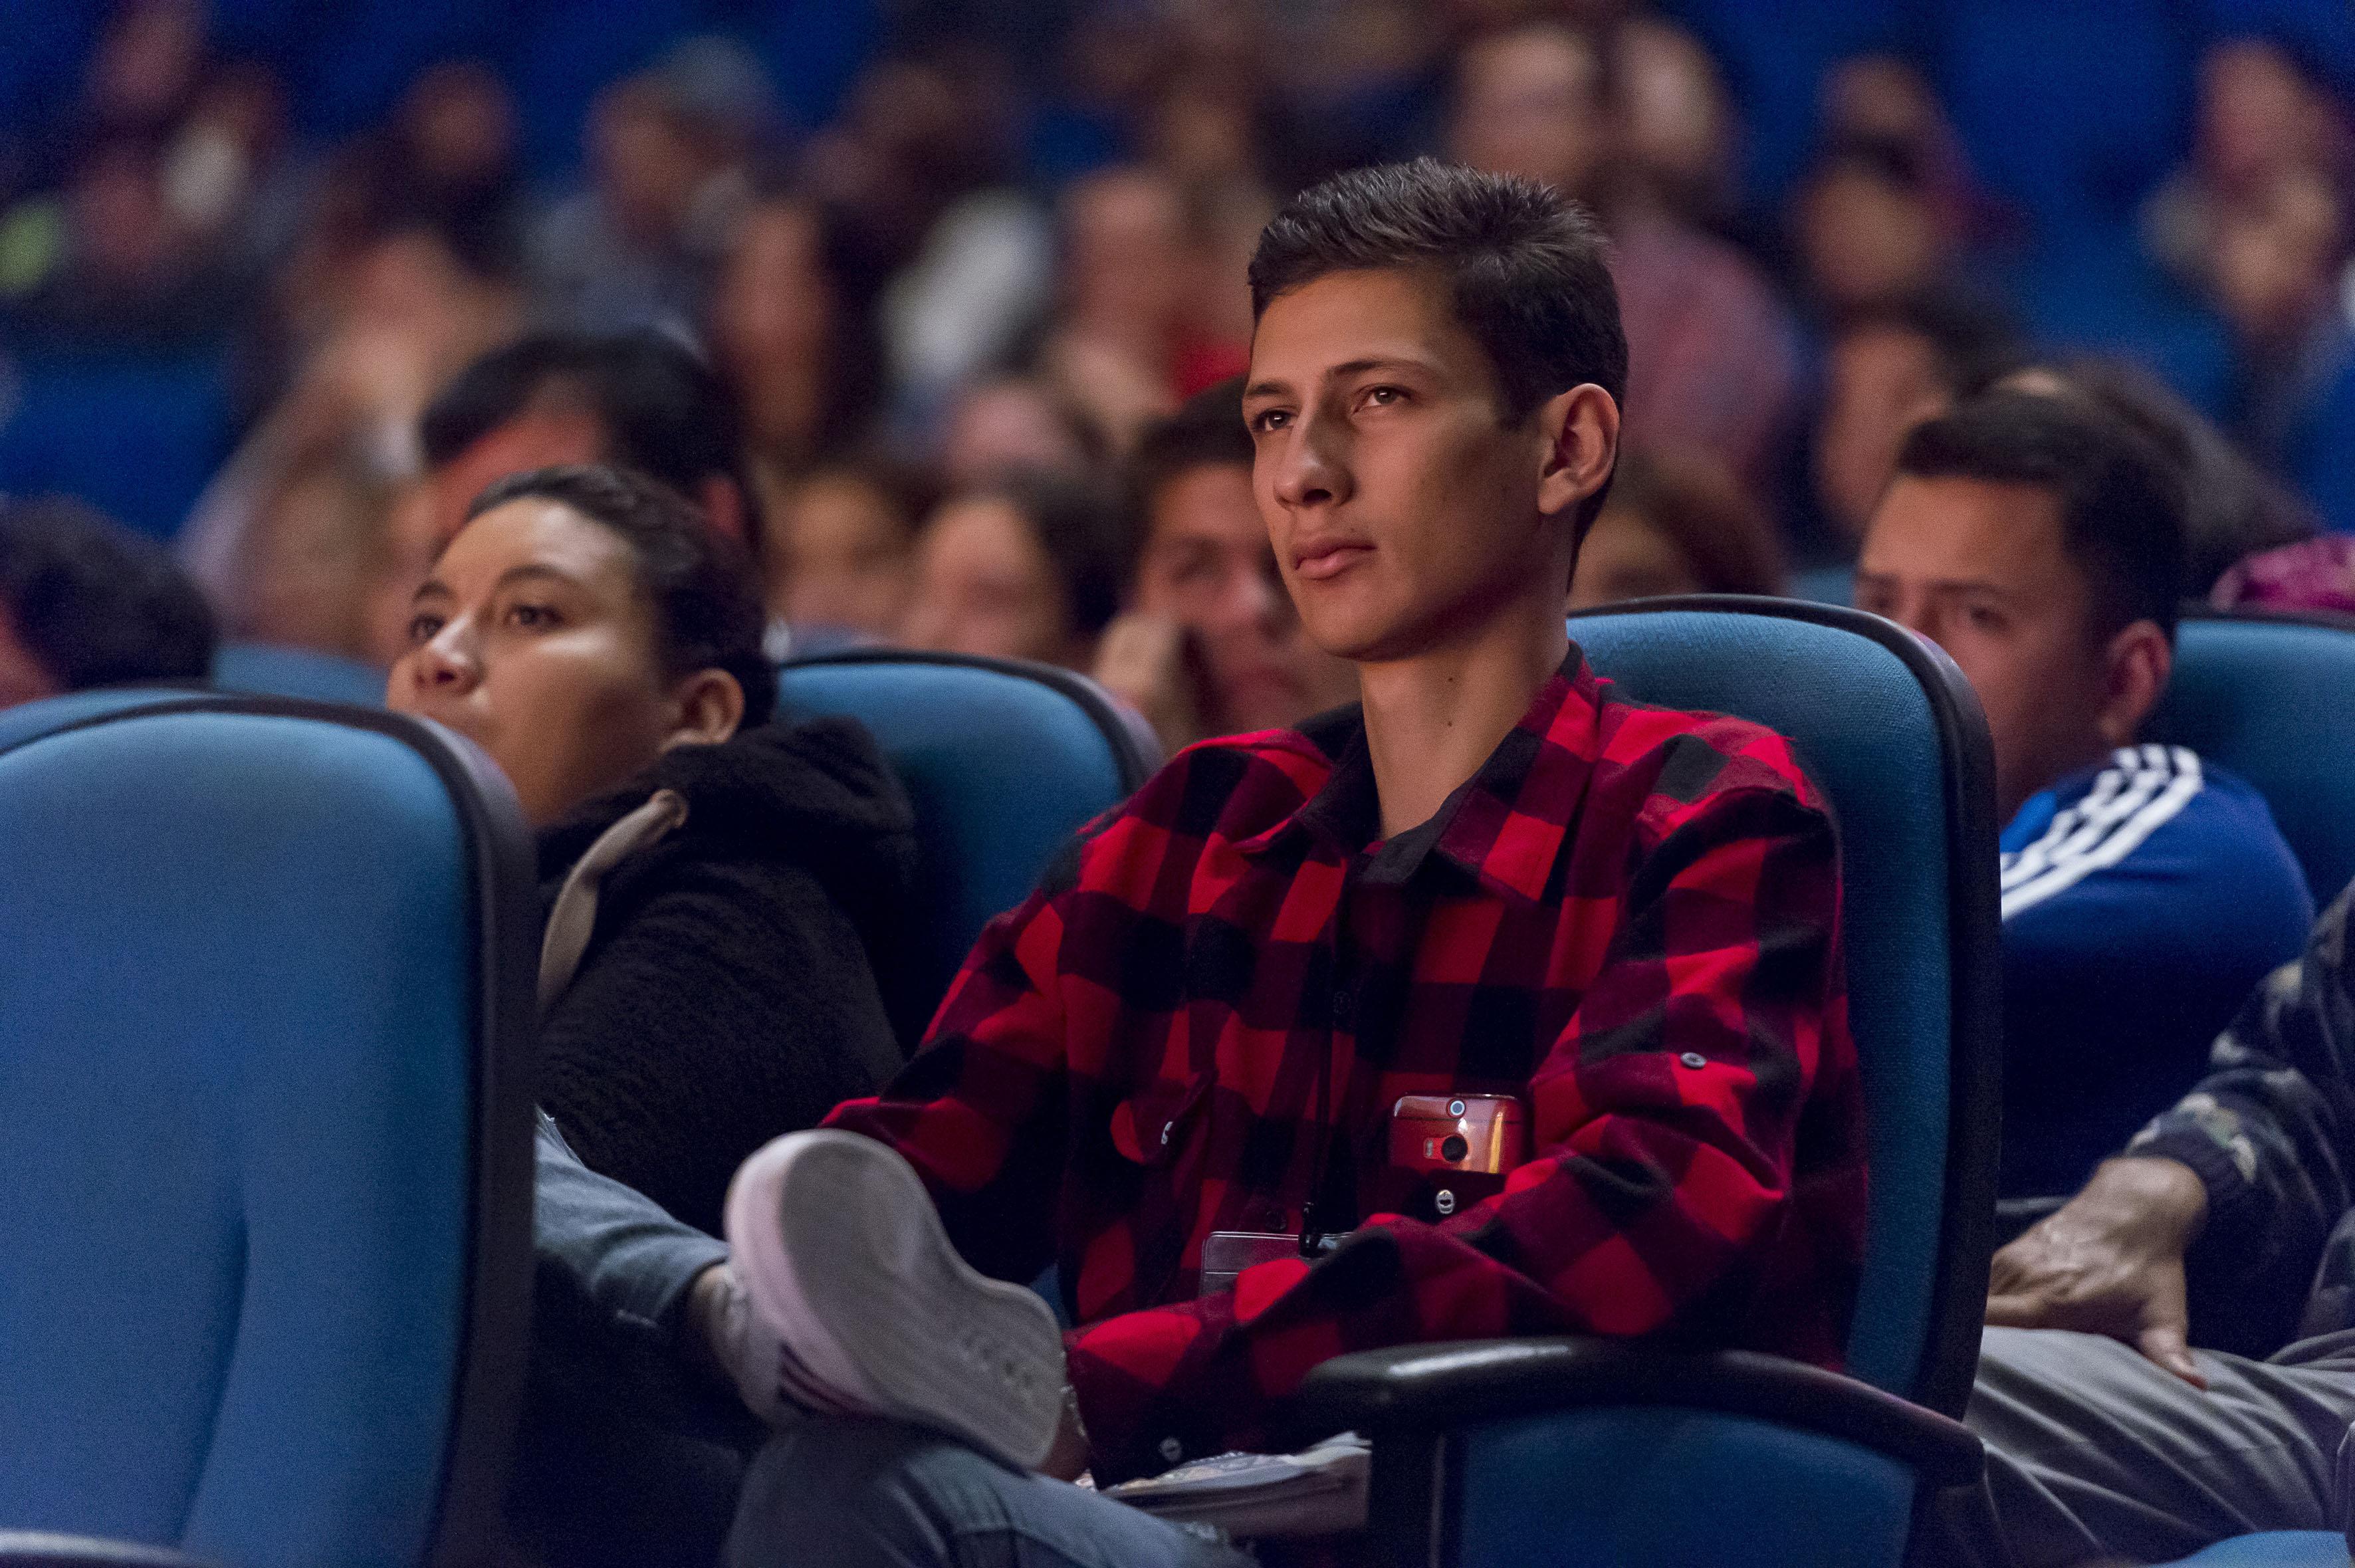 Vista panorámica de los jóvenes ingeniéros asistentes al evento en el Teatro Diana.